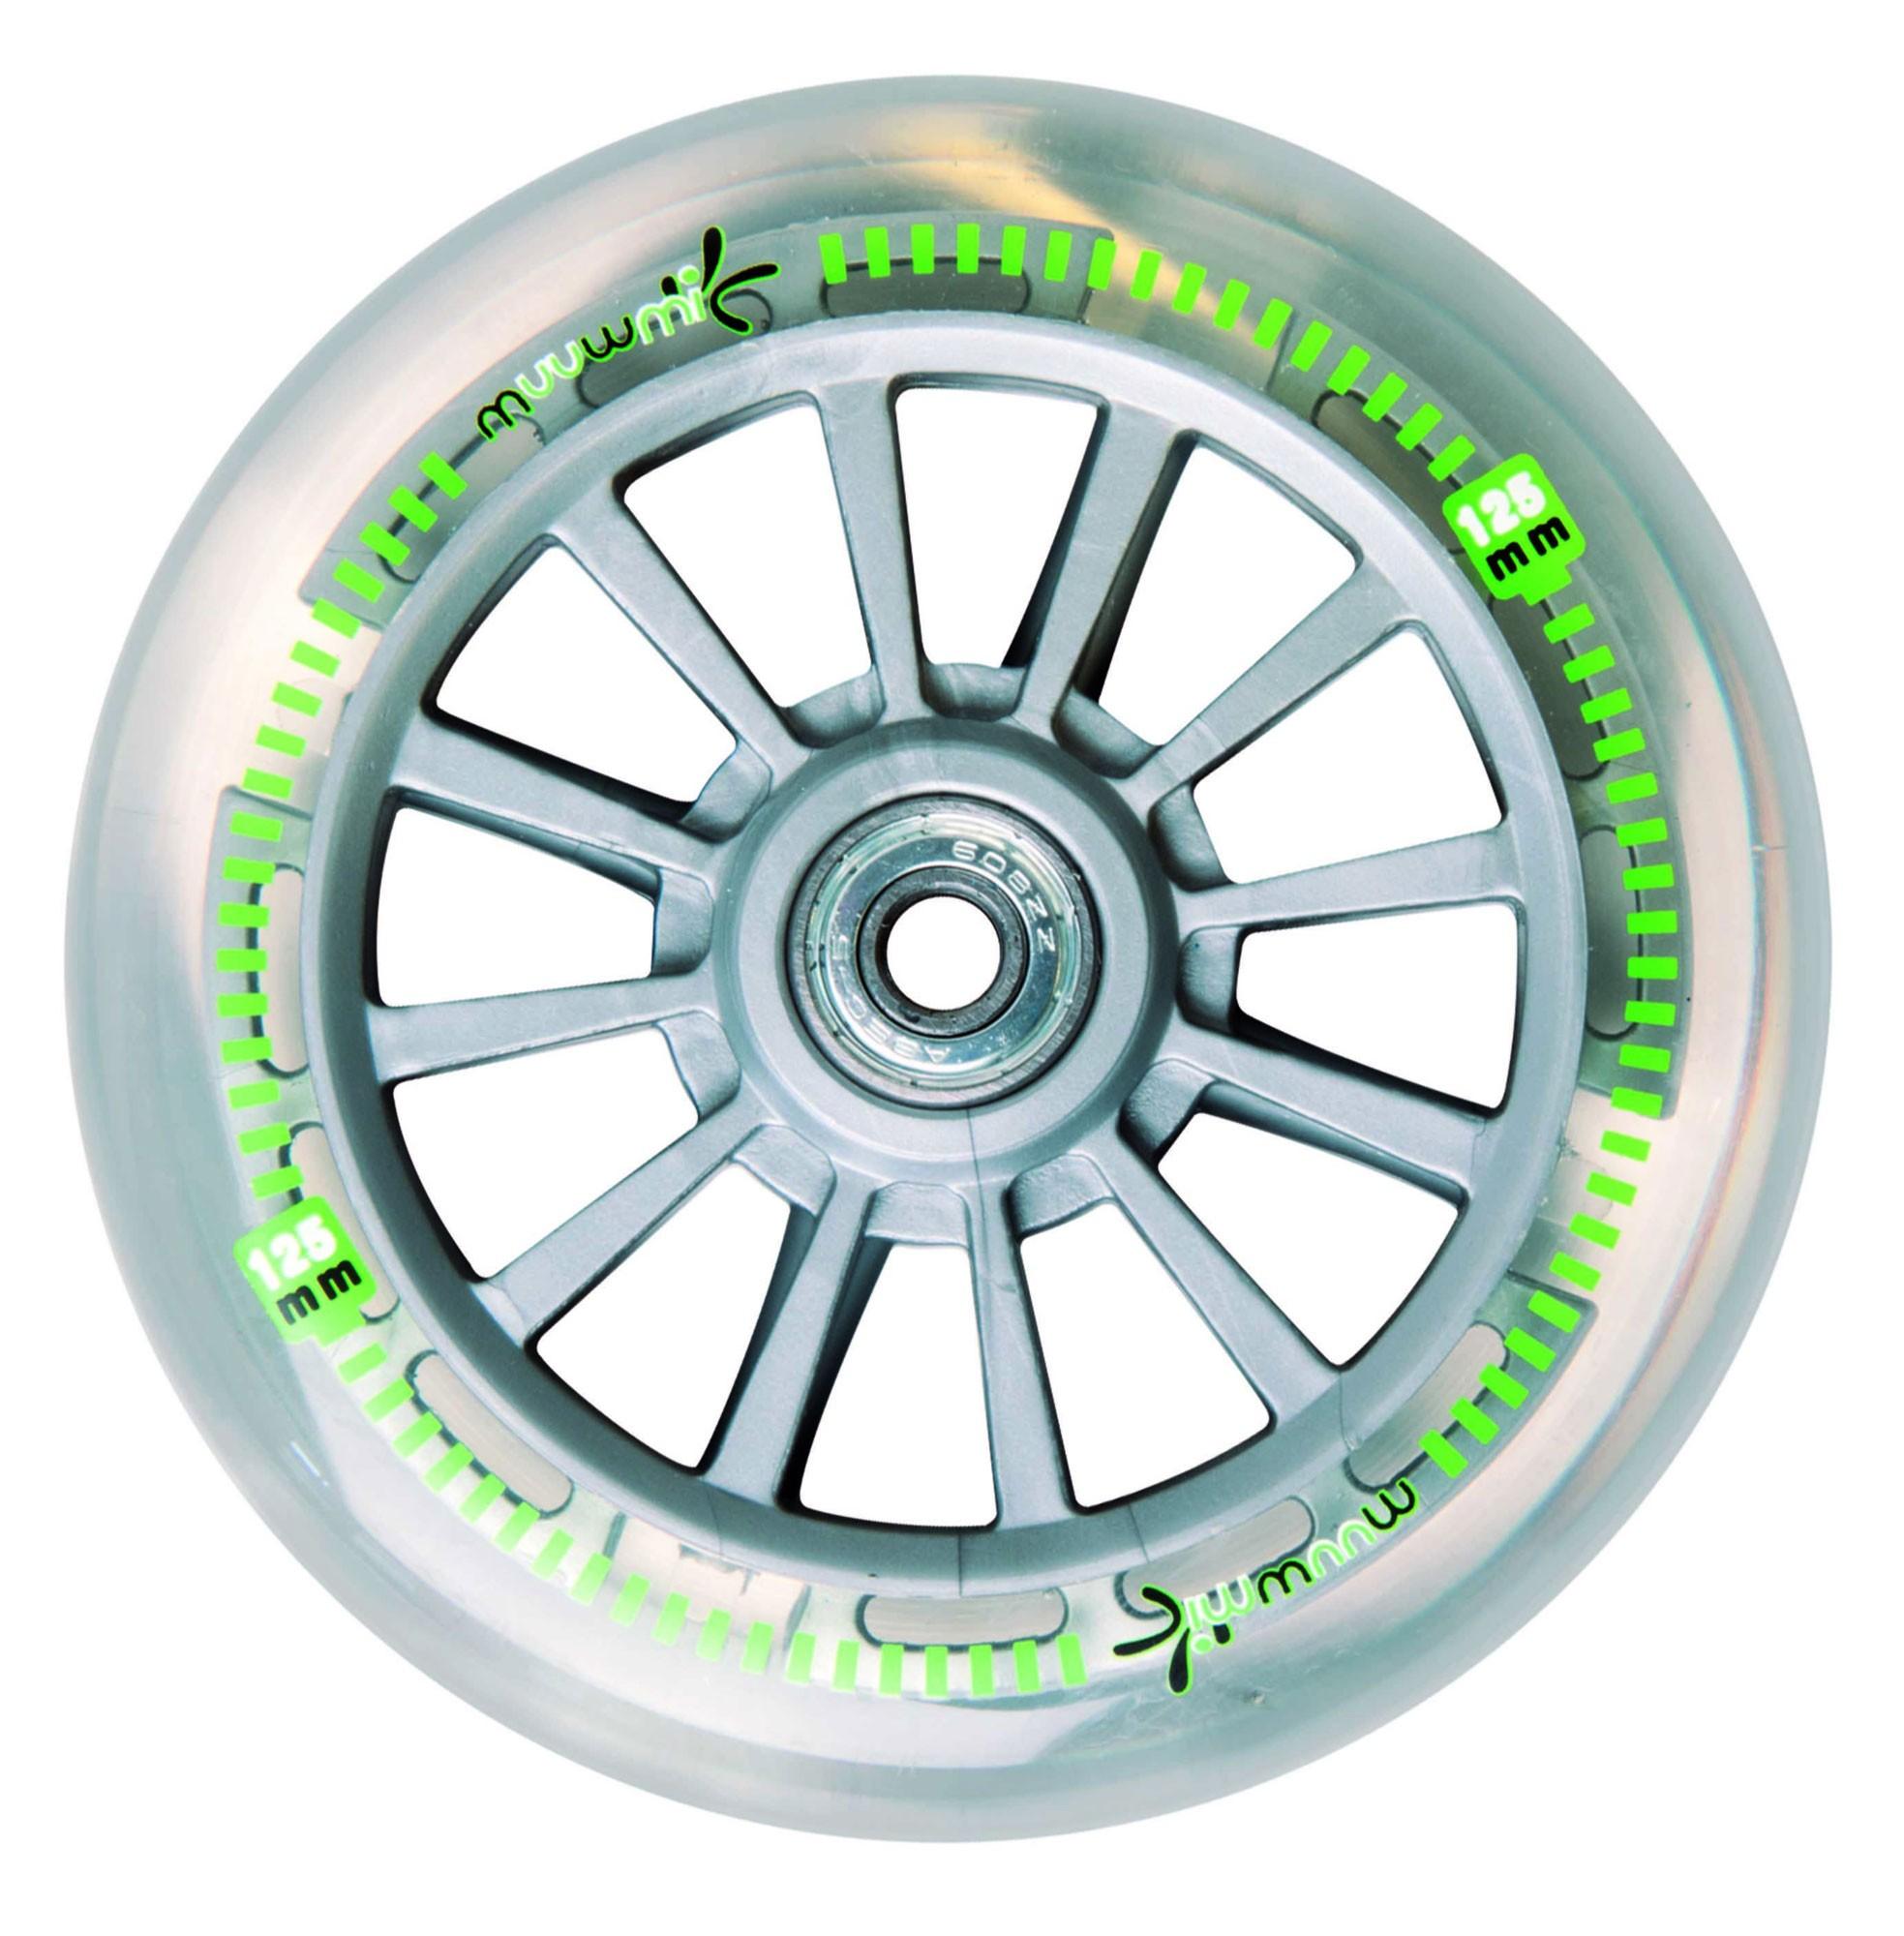 Alu Scooter / Cityroller Muuwmi 125 Neon grün schwarz Bild 2